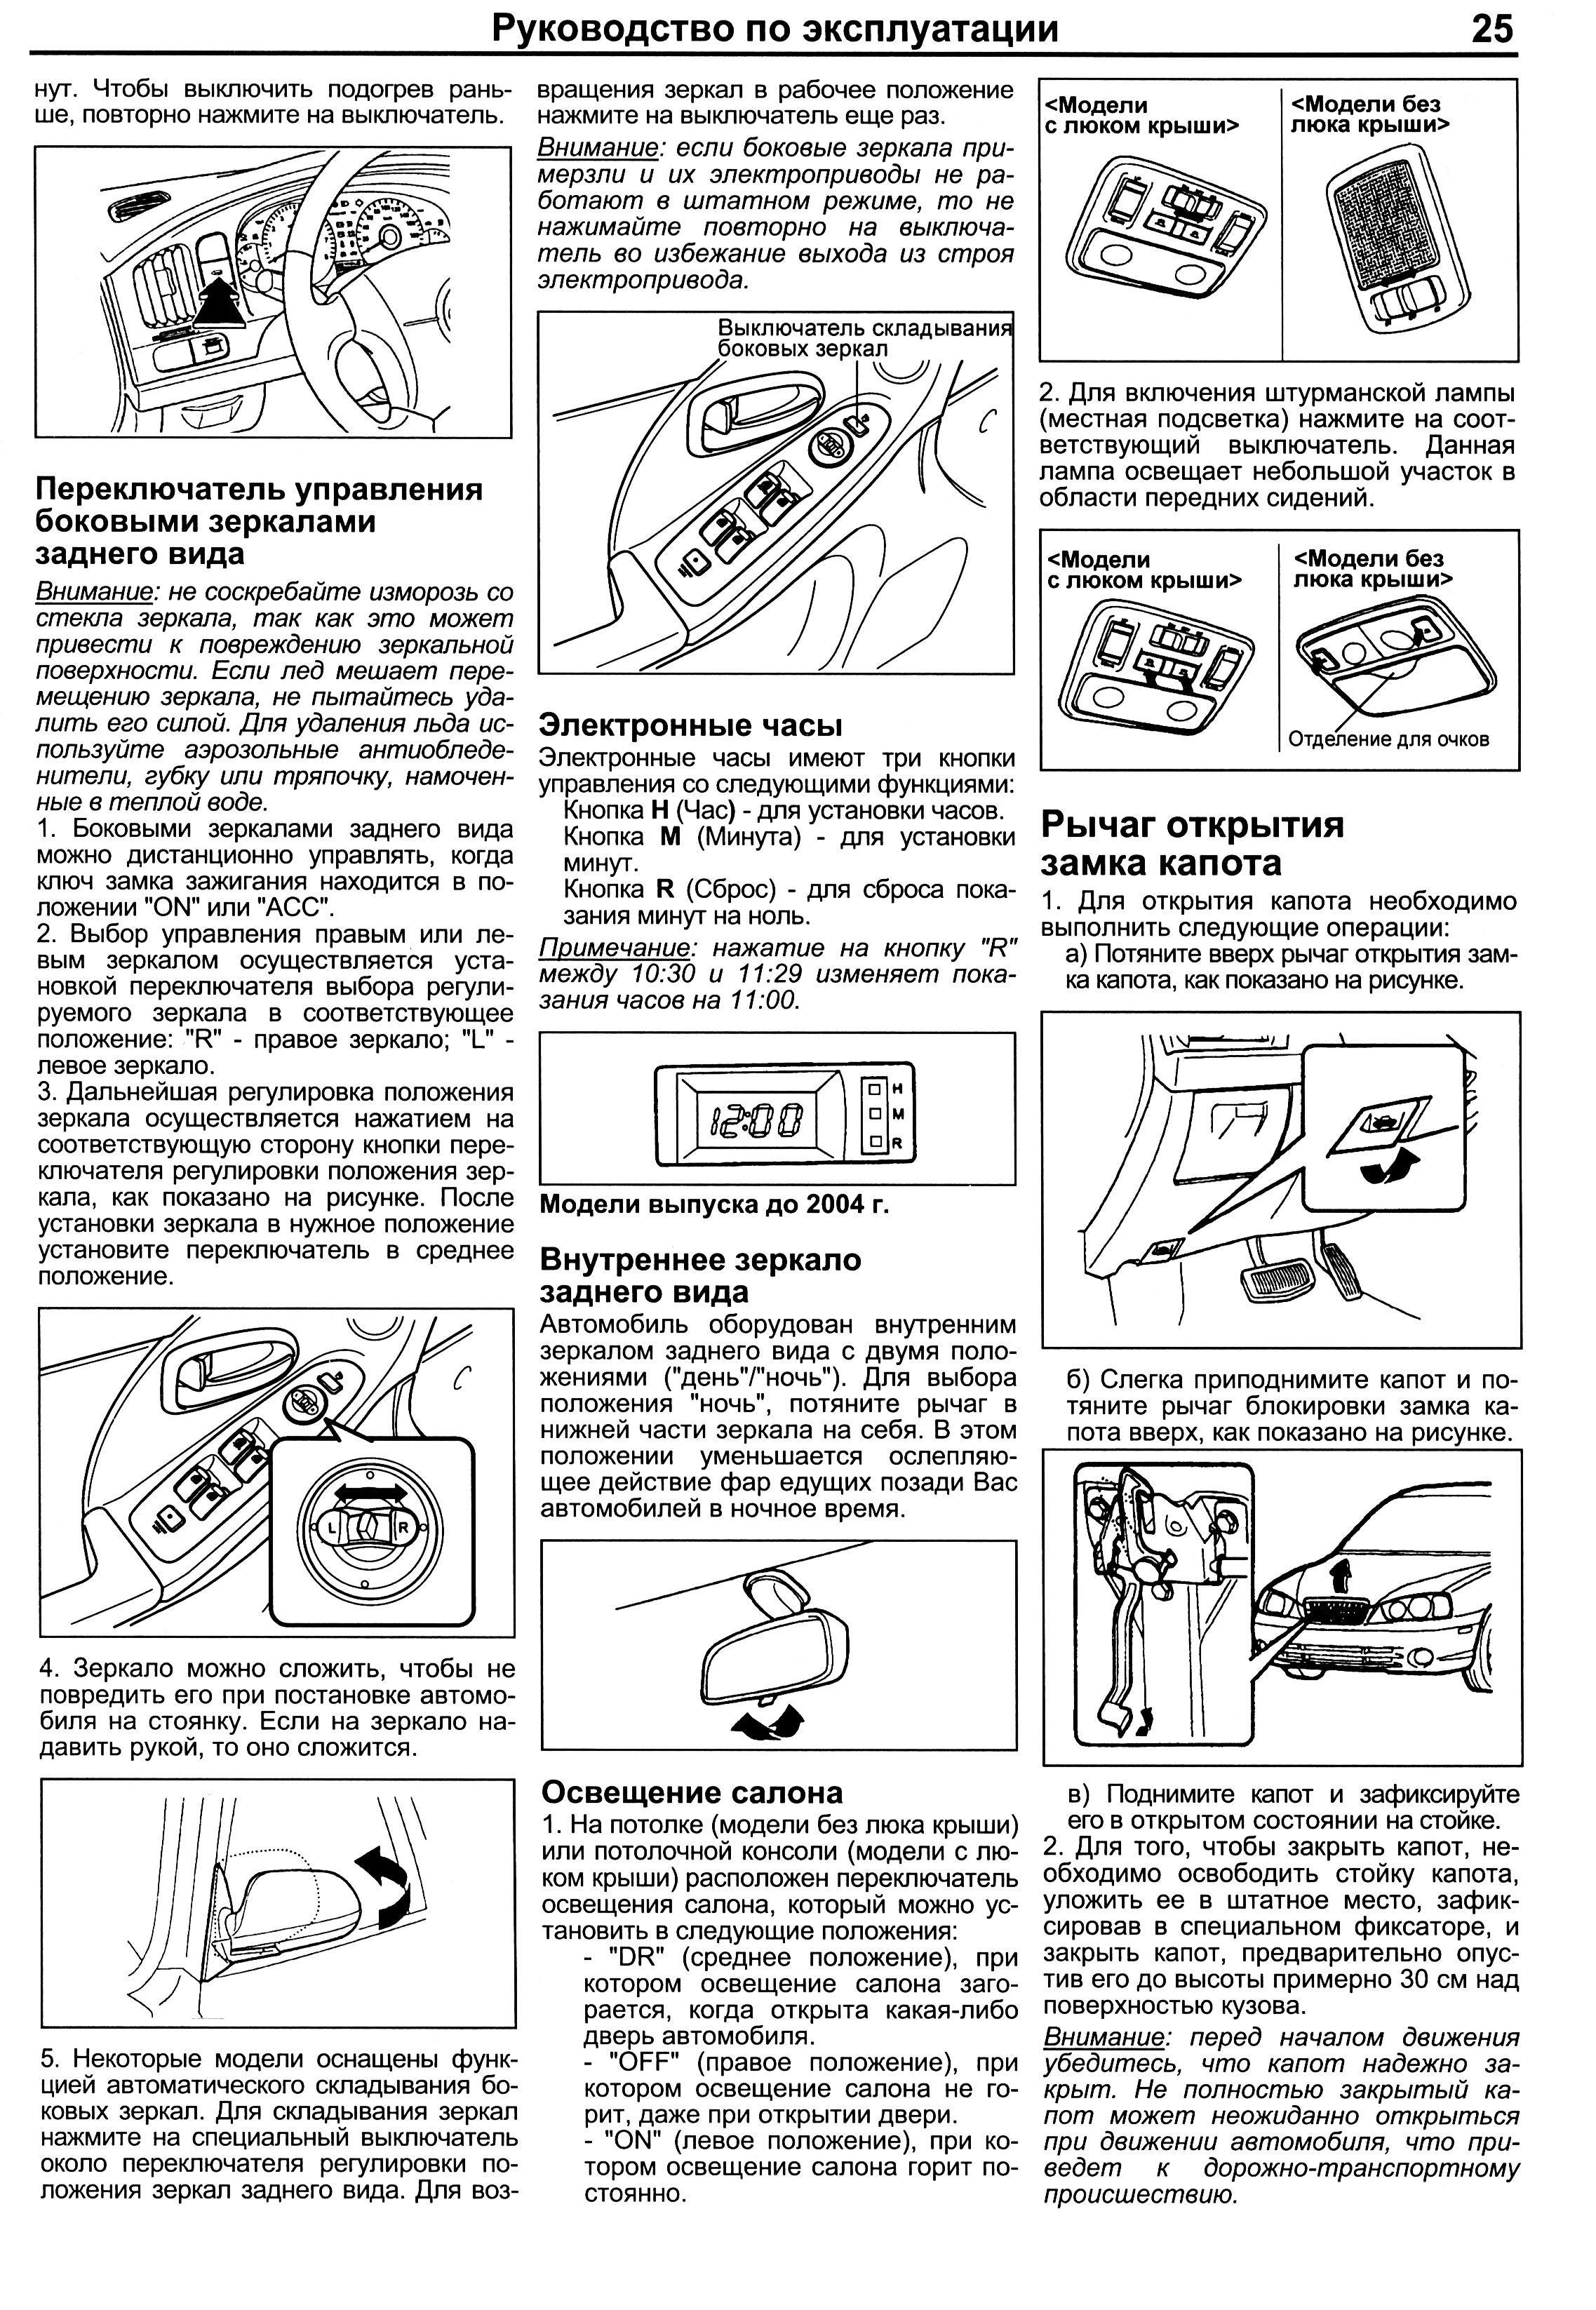 инструкция по эксплуатации элантры